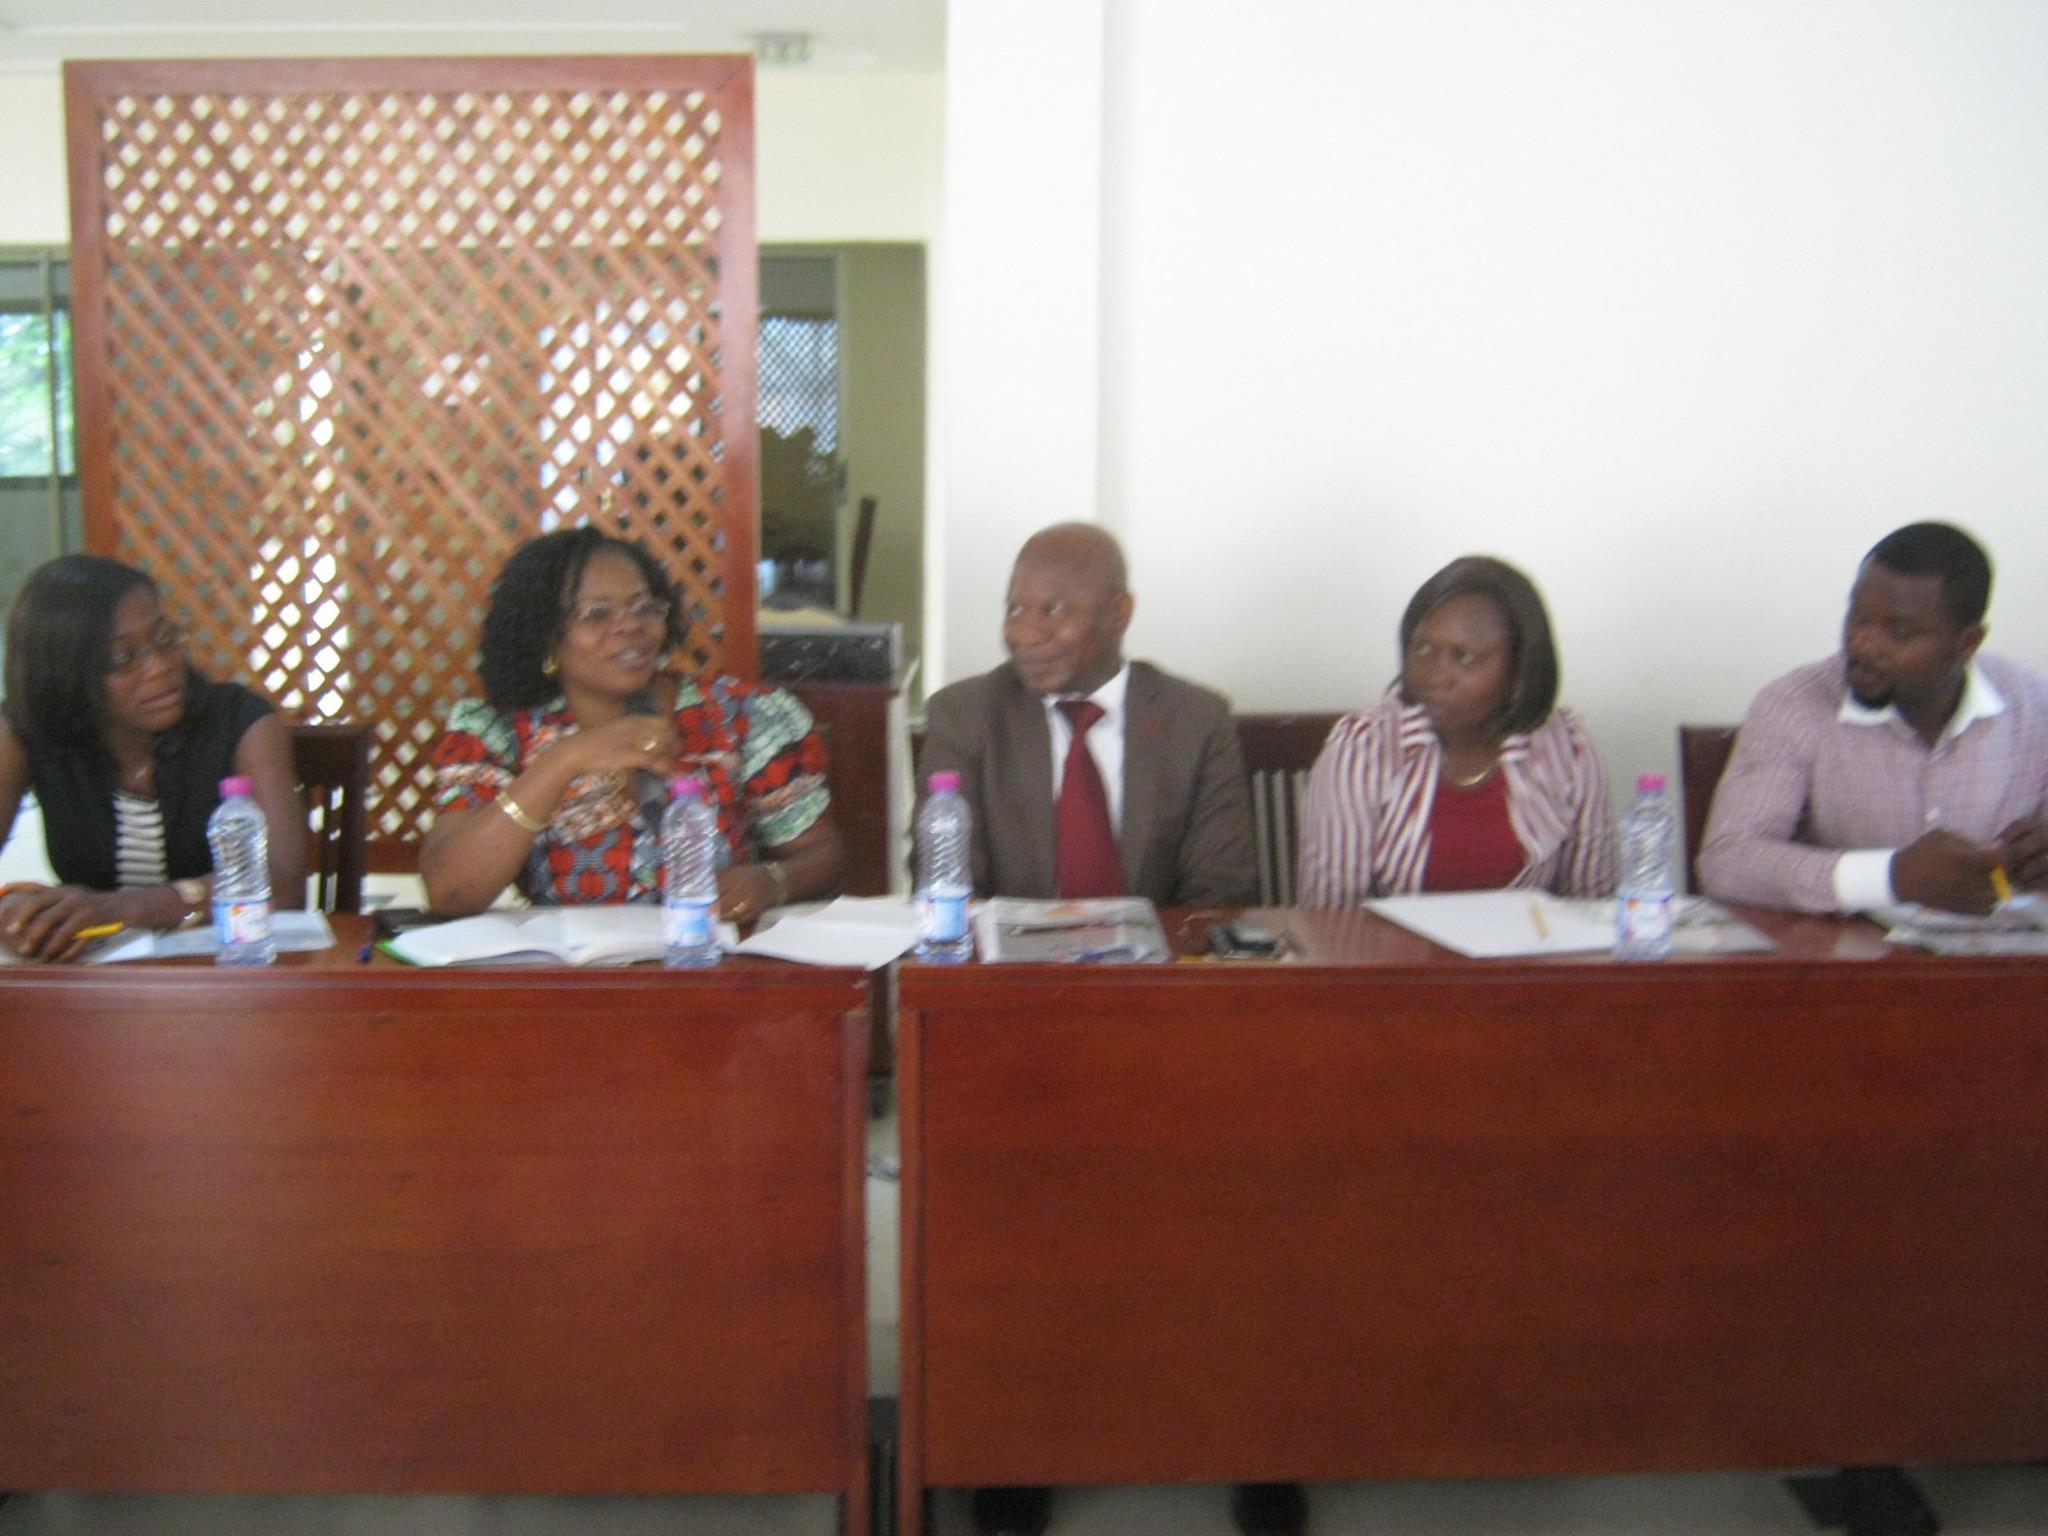 Pour une augmentation du budget alloué au secteur de la santé au Togo, YMCA fait un plaidoyer à l'endroit des députés